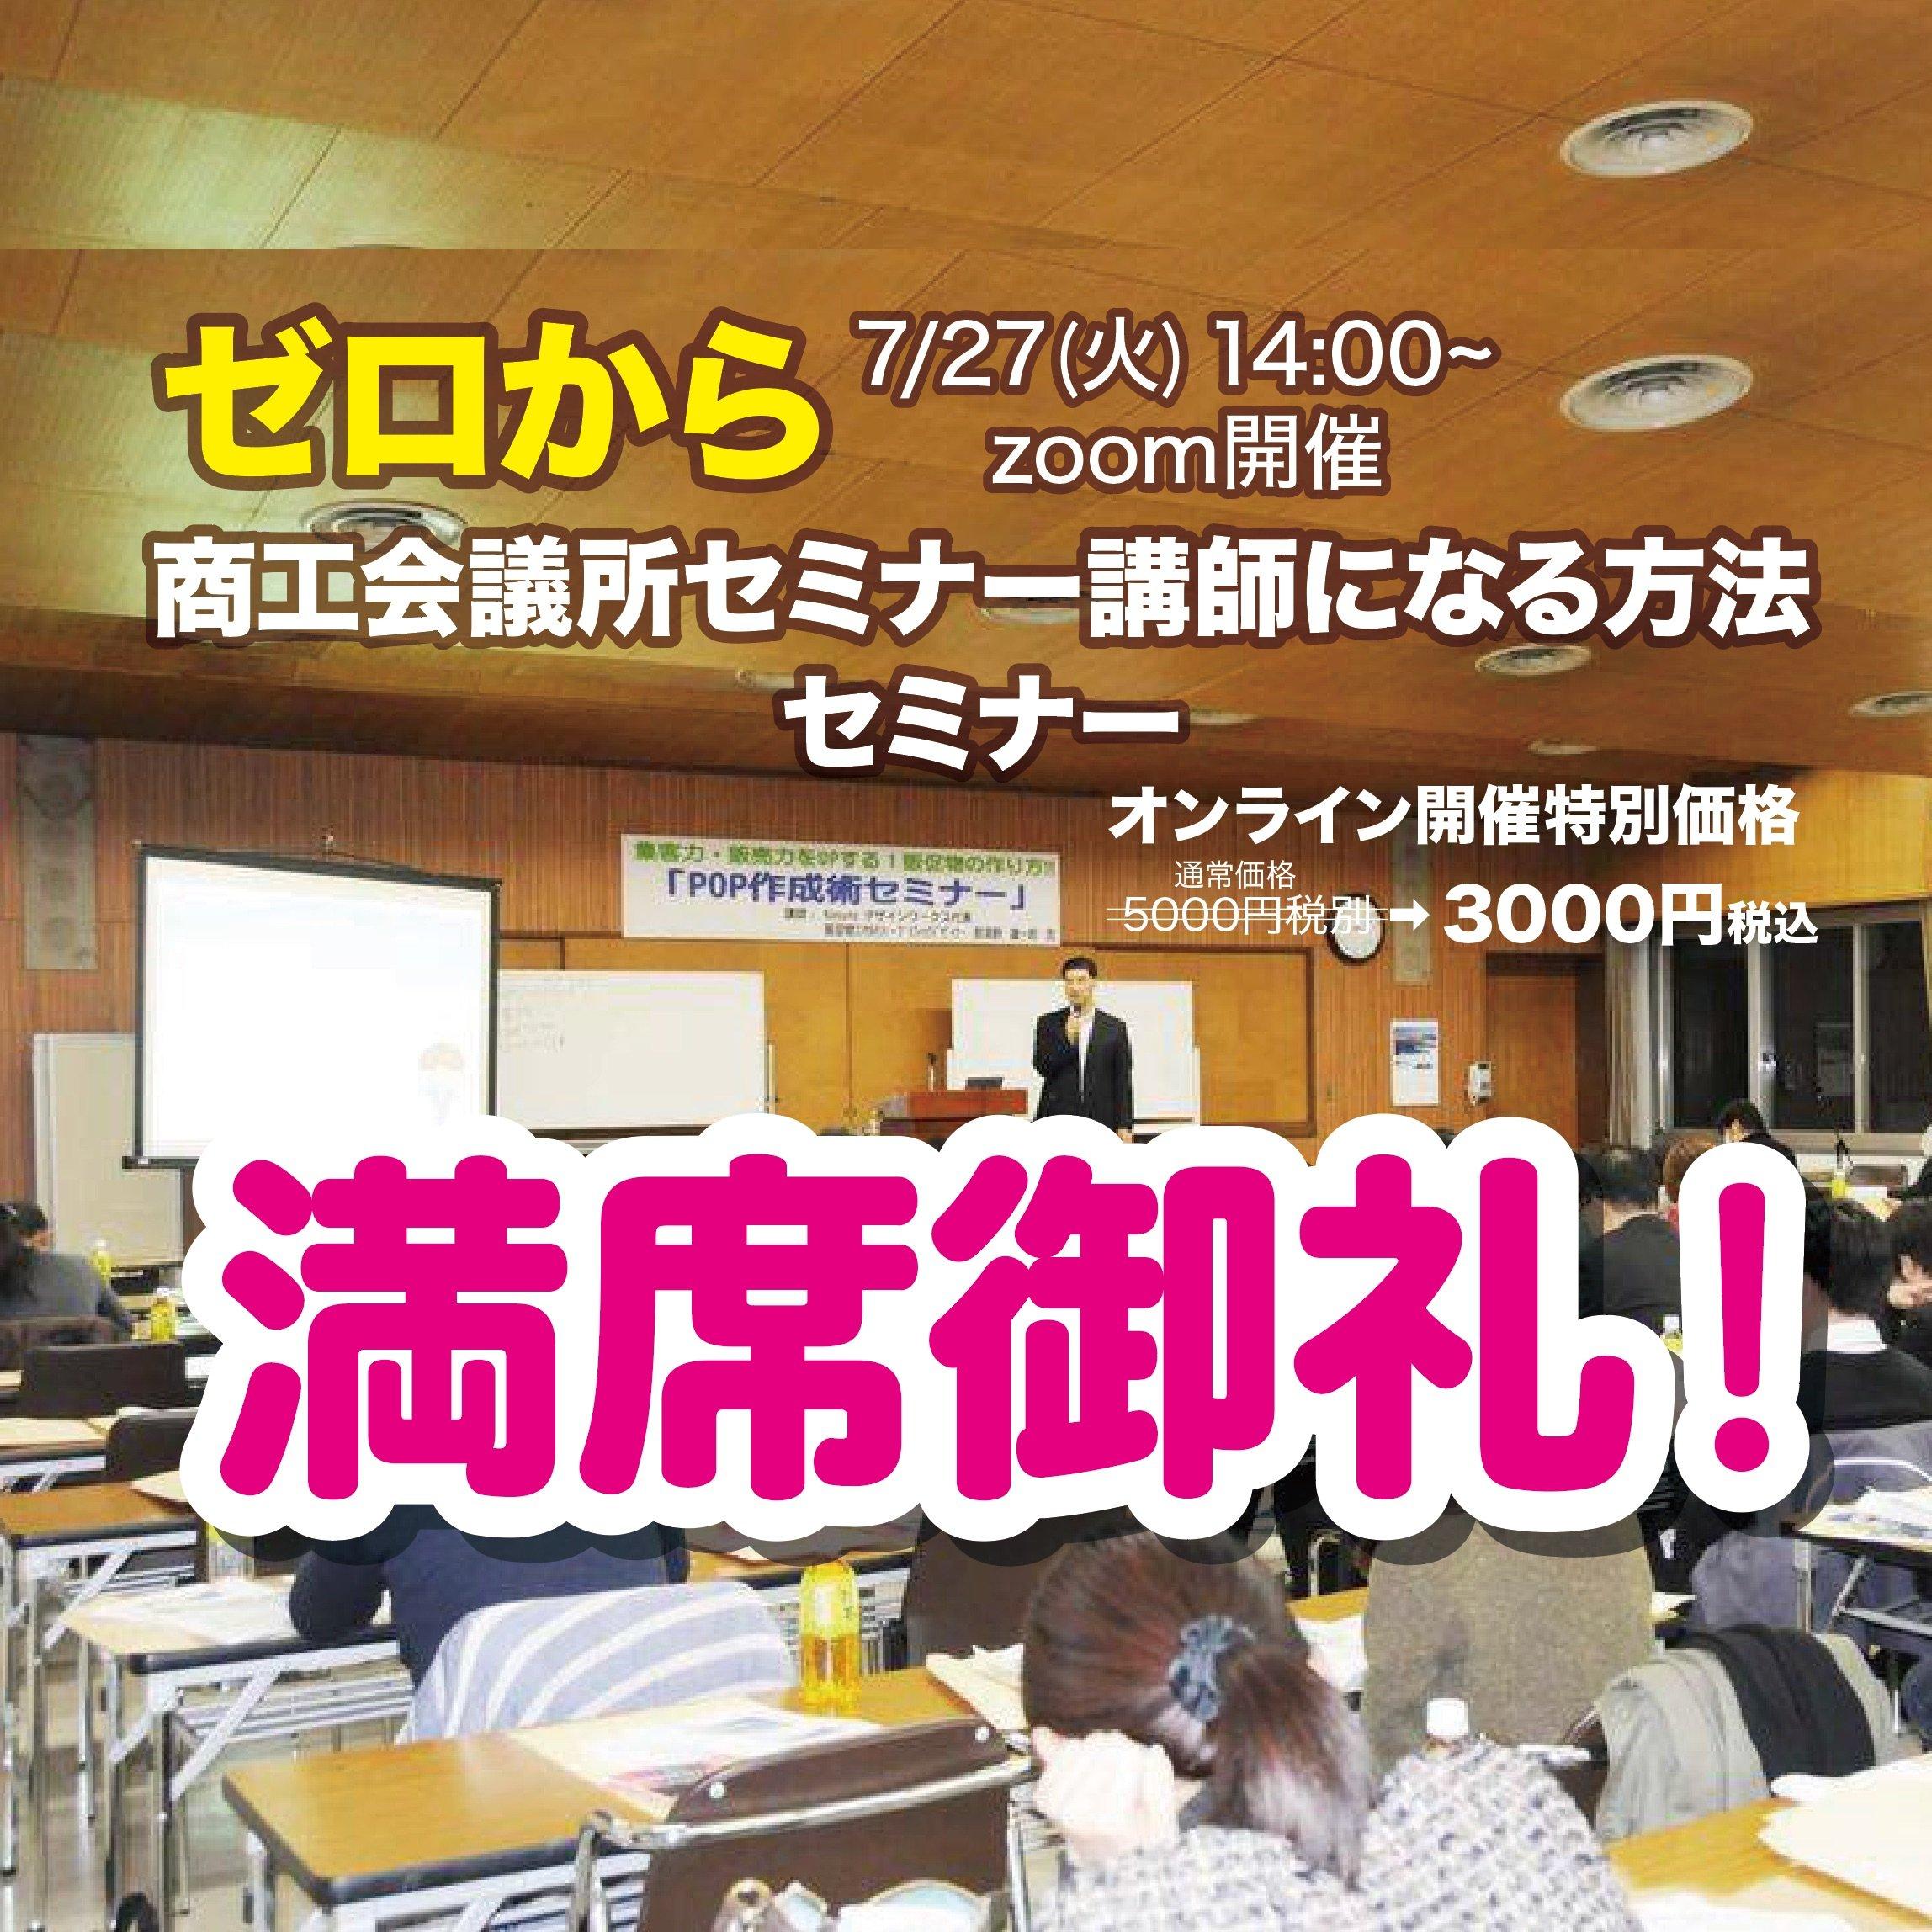 7/27(金) zoom ゼロから商工会議所セミナー講師になる方法セミナーのイメージその1